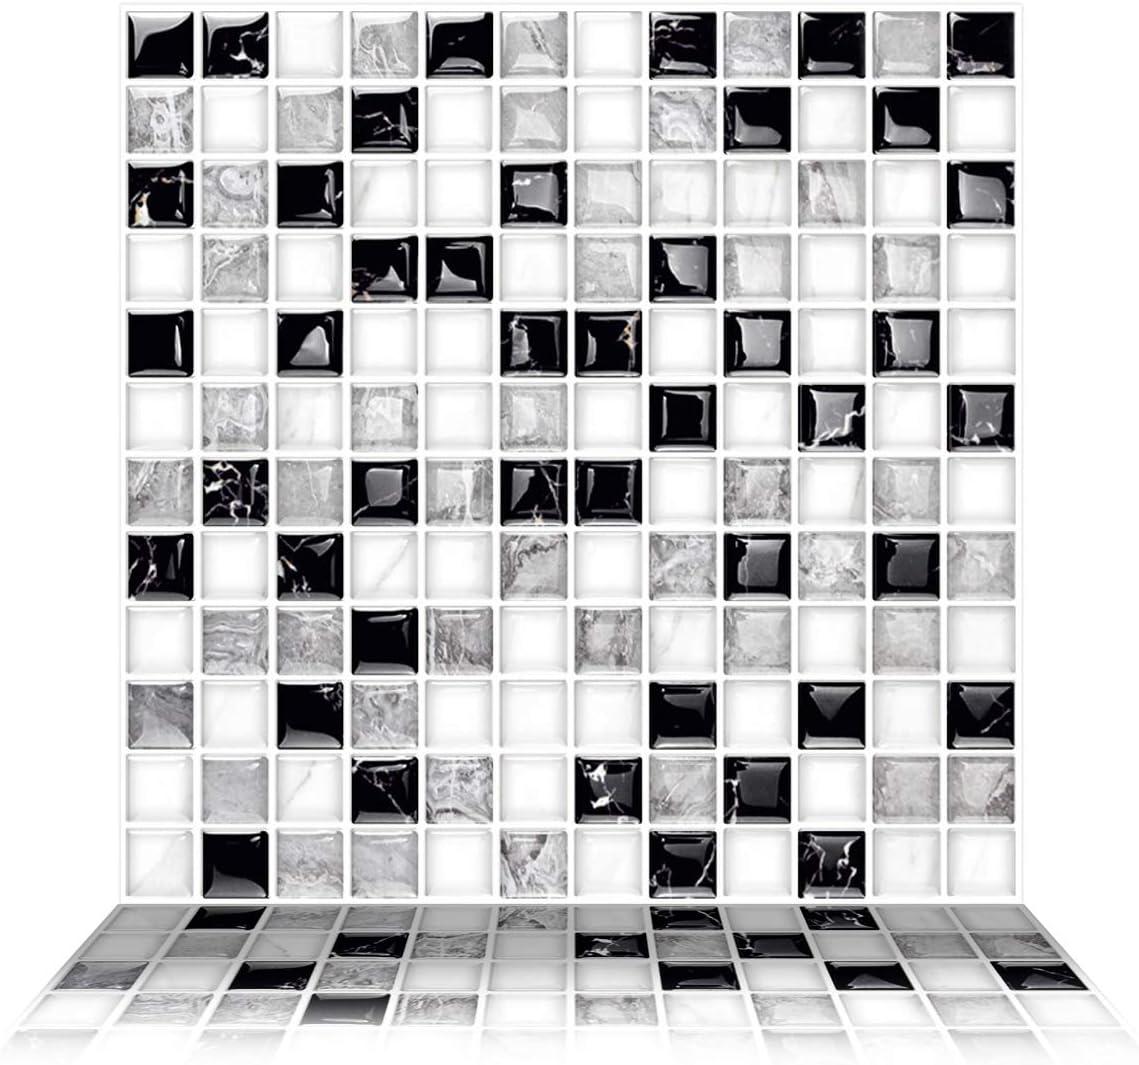 Vinilo Efecto de mosaico realista con textura 3D 25x25cm-6UN